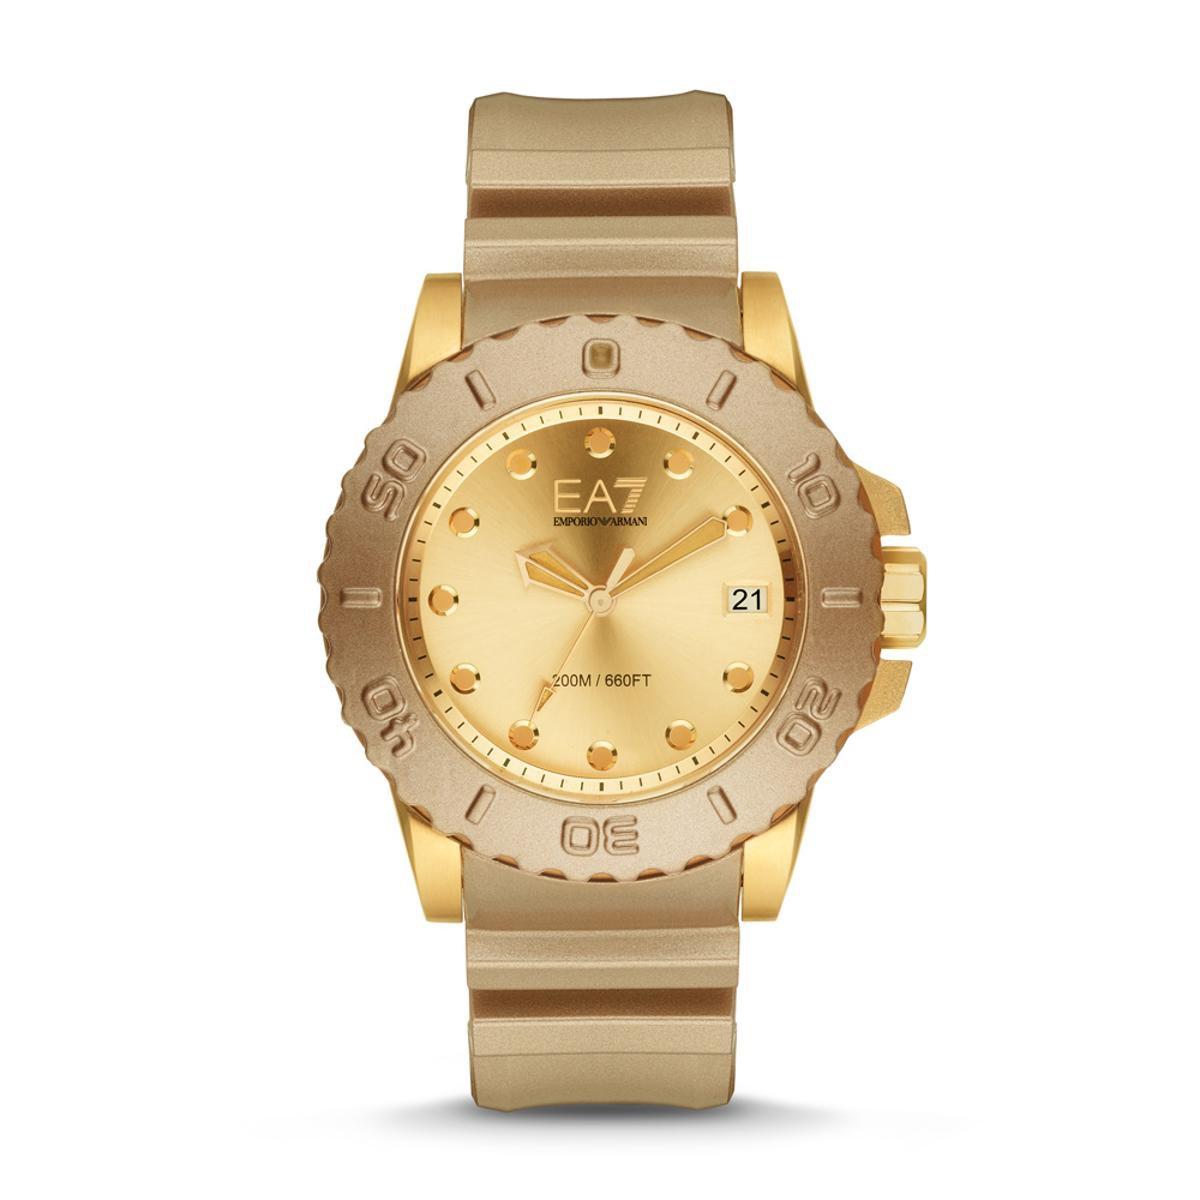 81928a512b4 Relógio emporio armani masculino ar dourado jpg 1200x1200 Relogio emporio  armani dourado